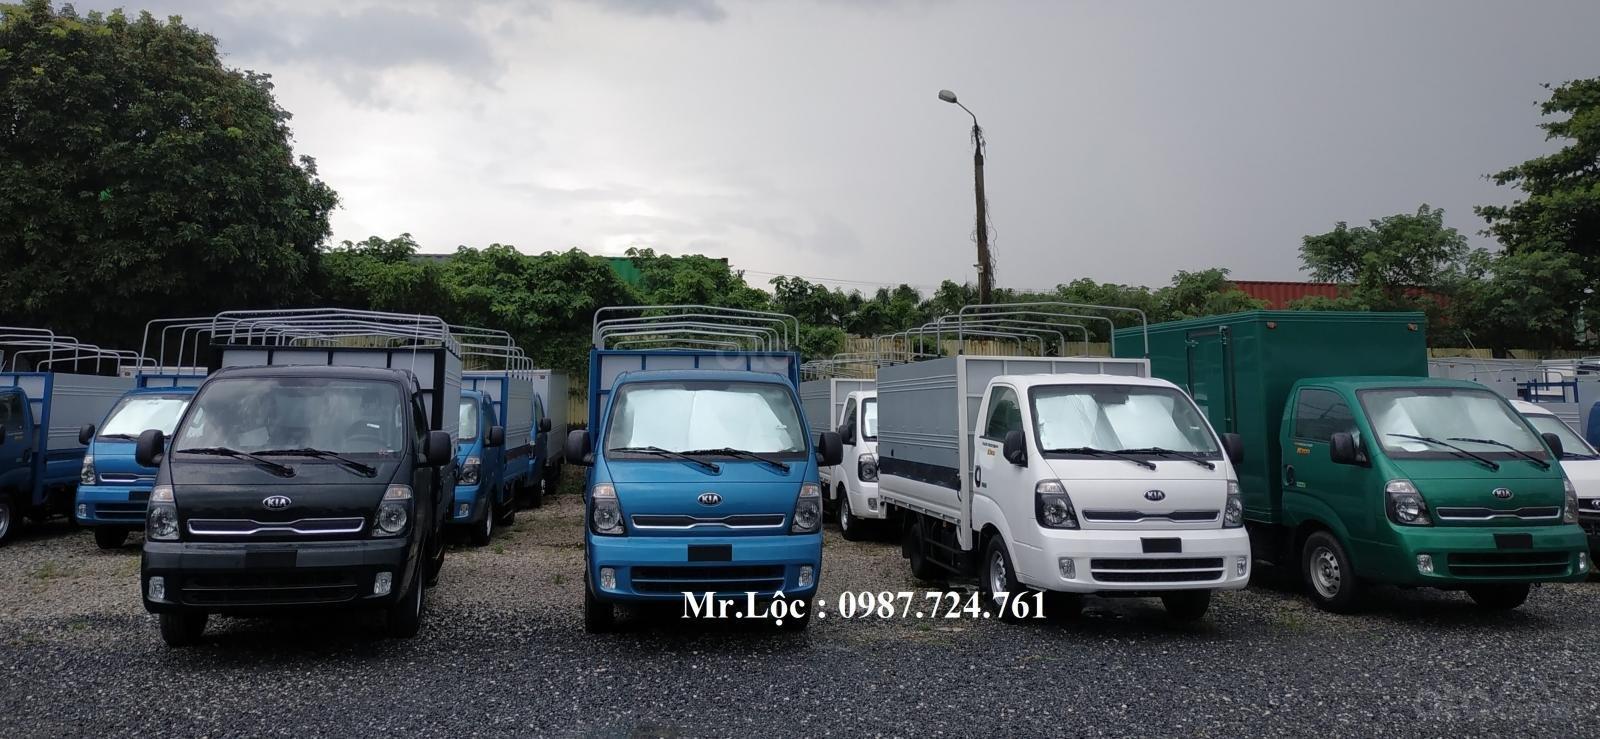 Bán xe tải Kia - Tải trọng 1.49 đến 2.5 tấn - nhập 3 cục về lắp ráp tại Thaco - đời 2019-2